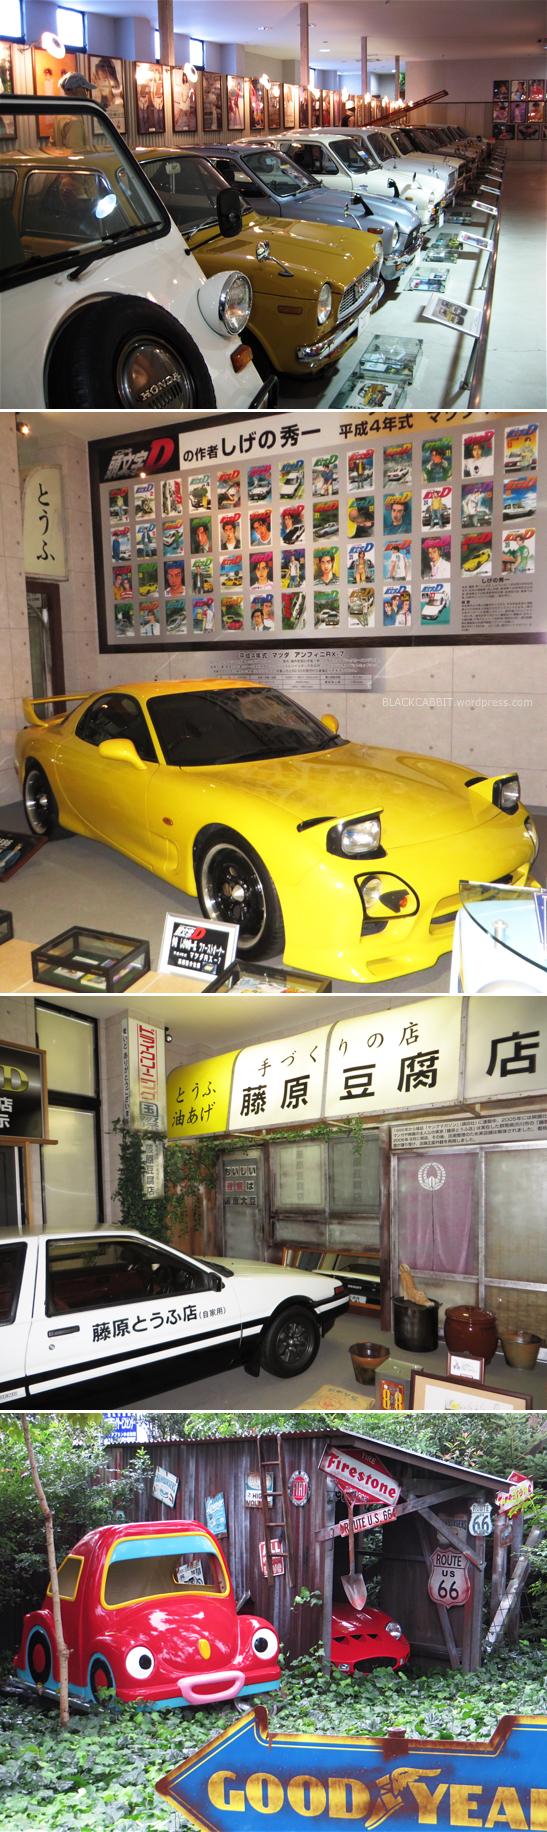 Ikaho car museum